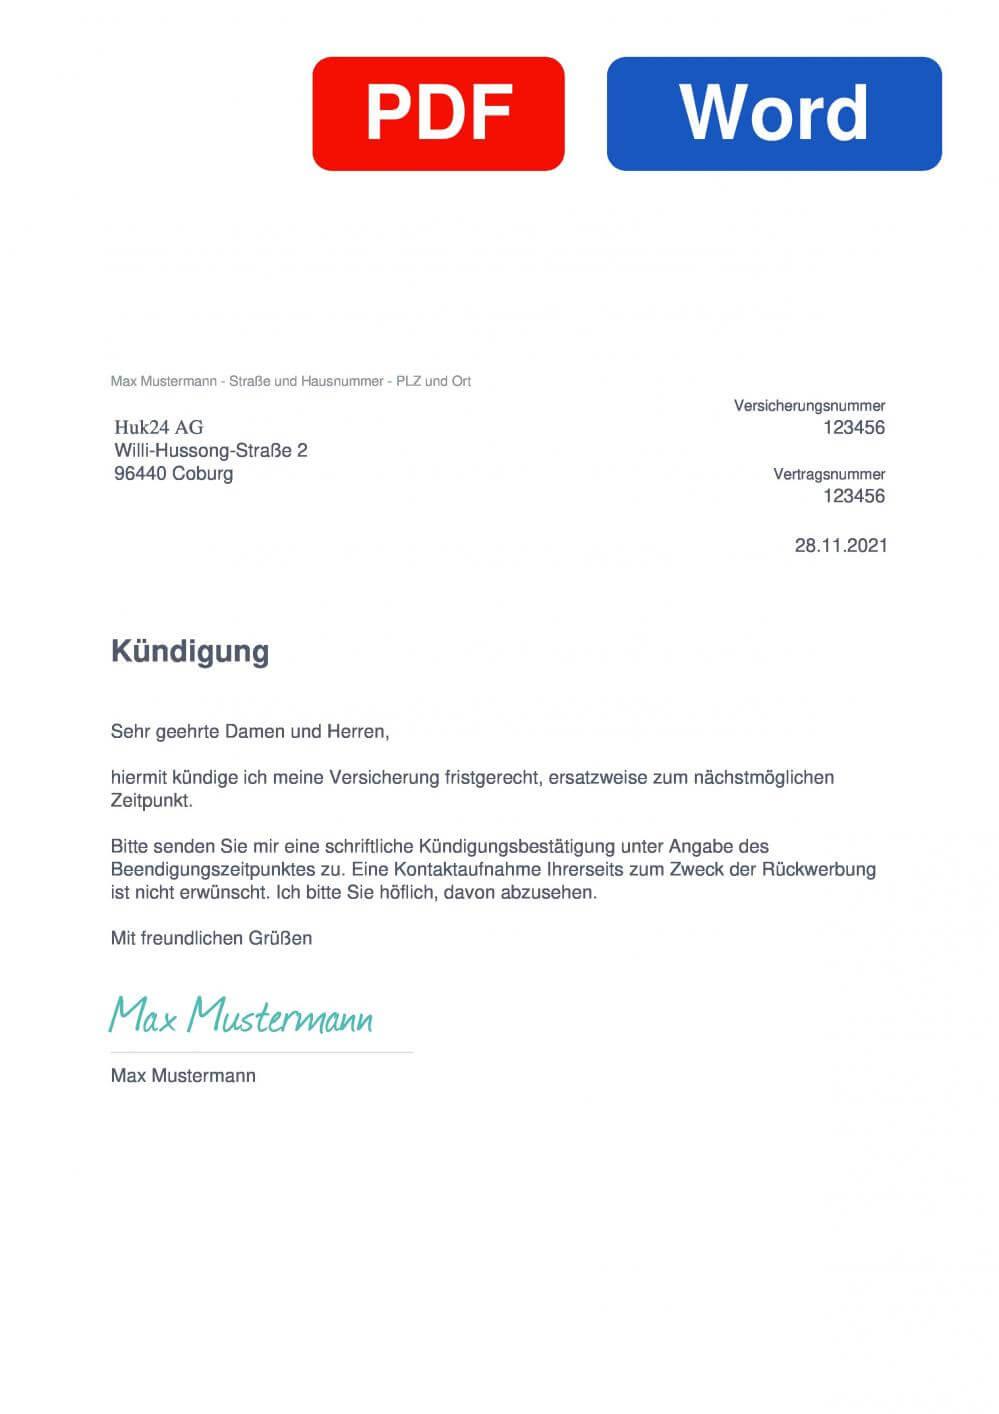 HUK24 Muster Vorlage für Kündigungsschreiben